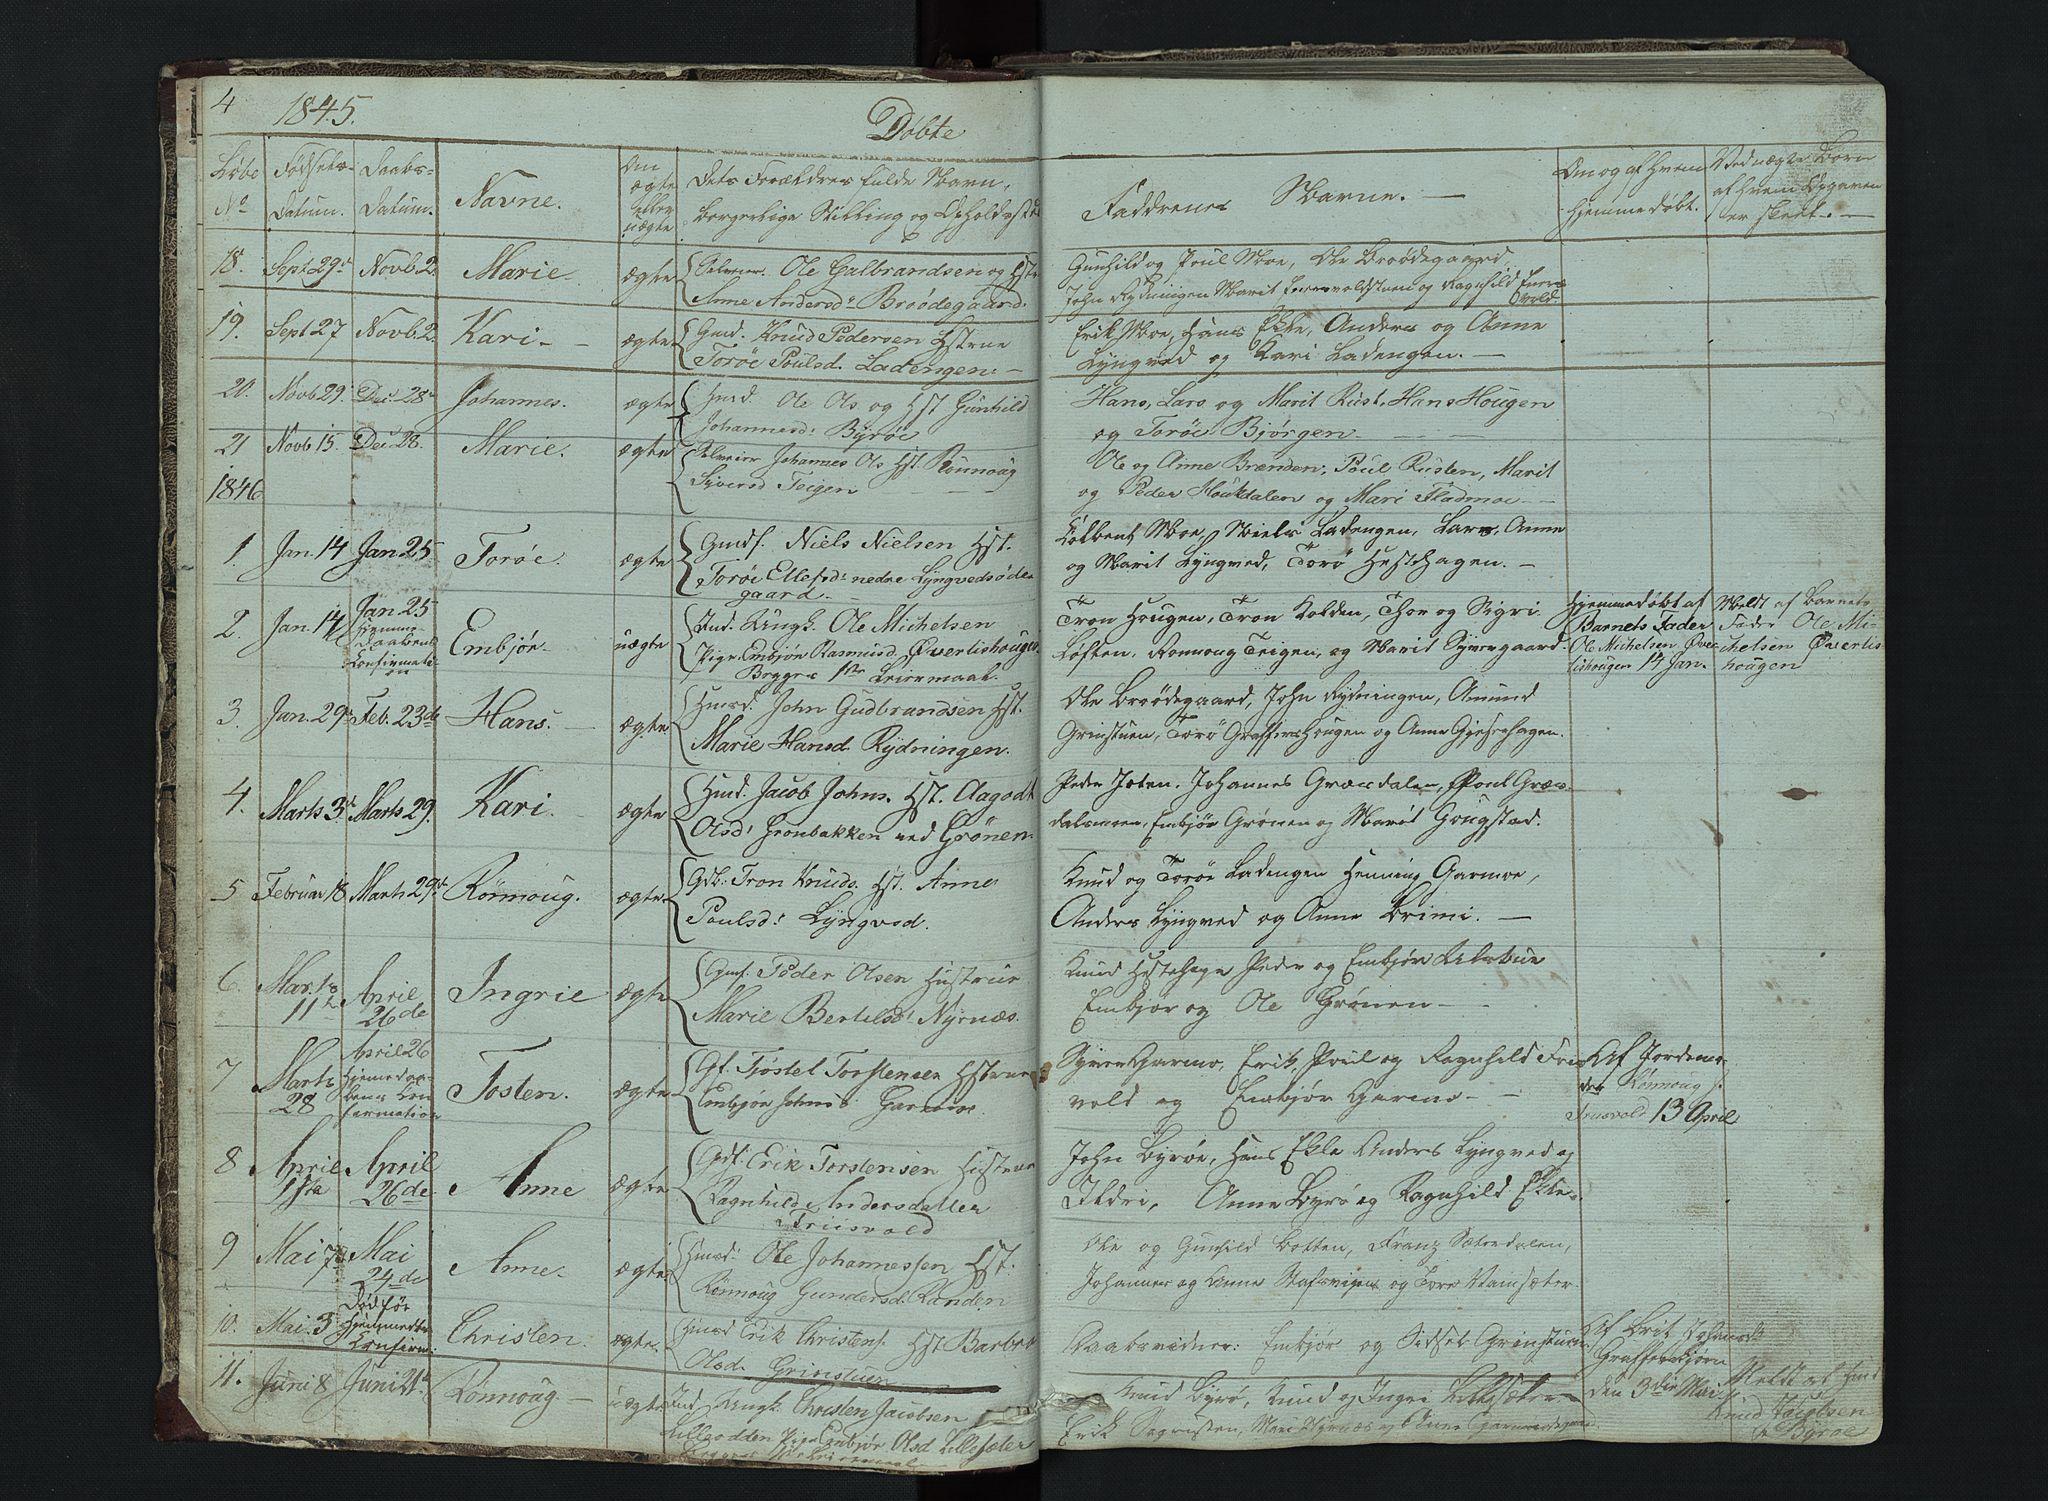 SAH, Lom prestekontor, L/L0014: Klokkerbok nr. 14, 1845-1876, s. 4-5